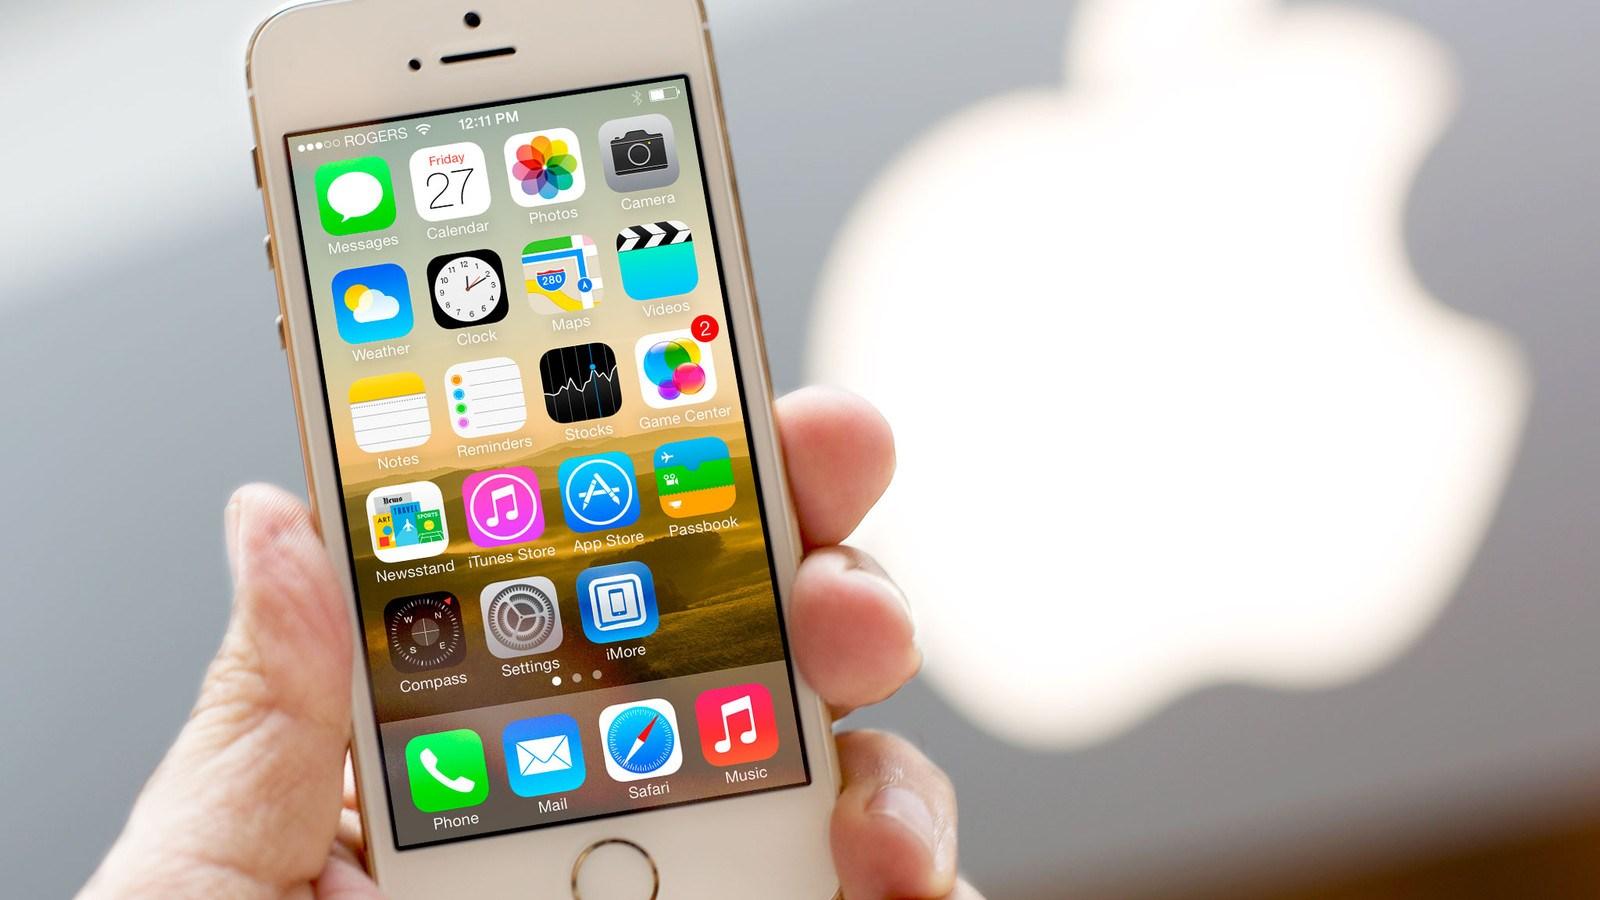 Come risparmiare batteria iPhone: 5 consigli